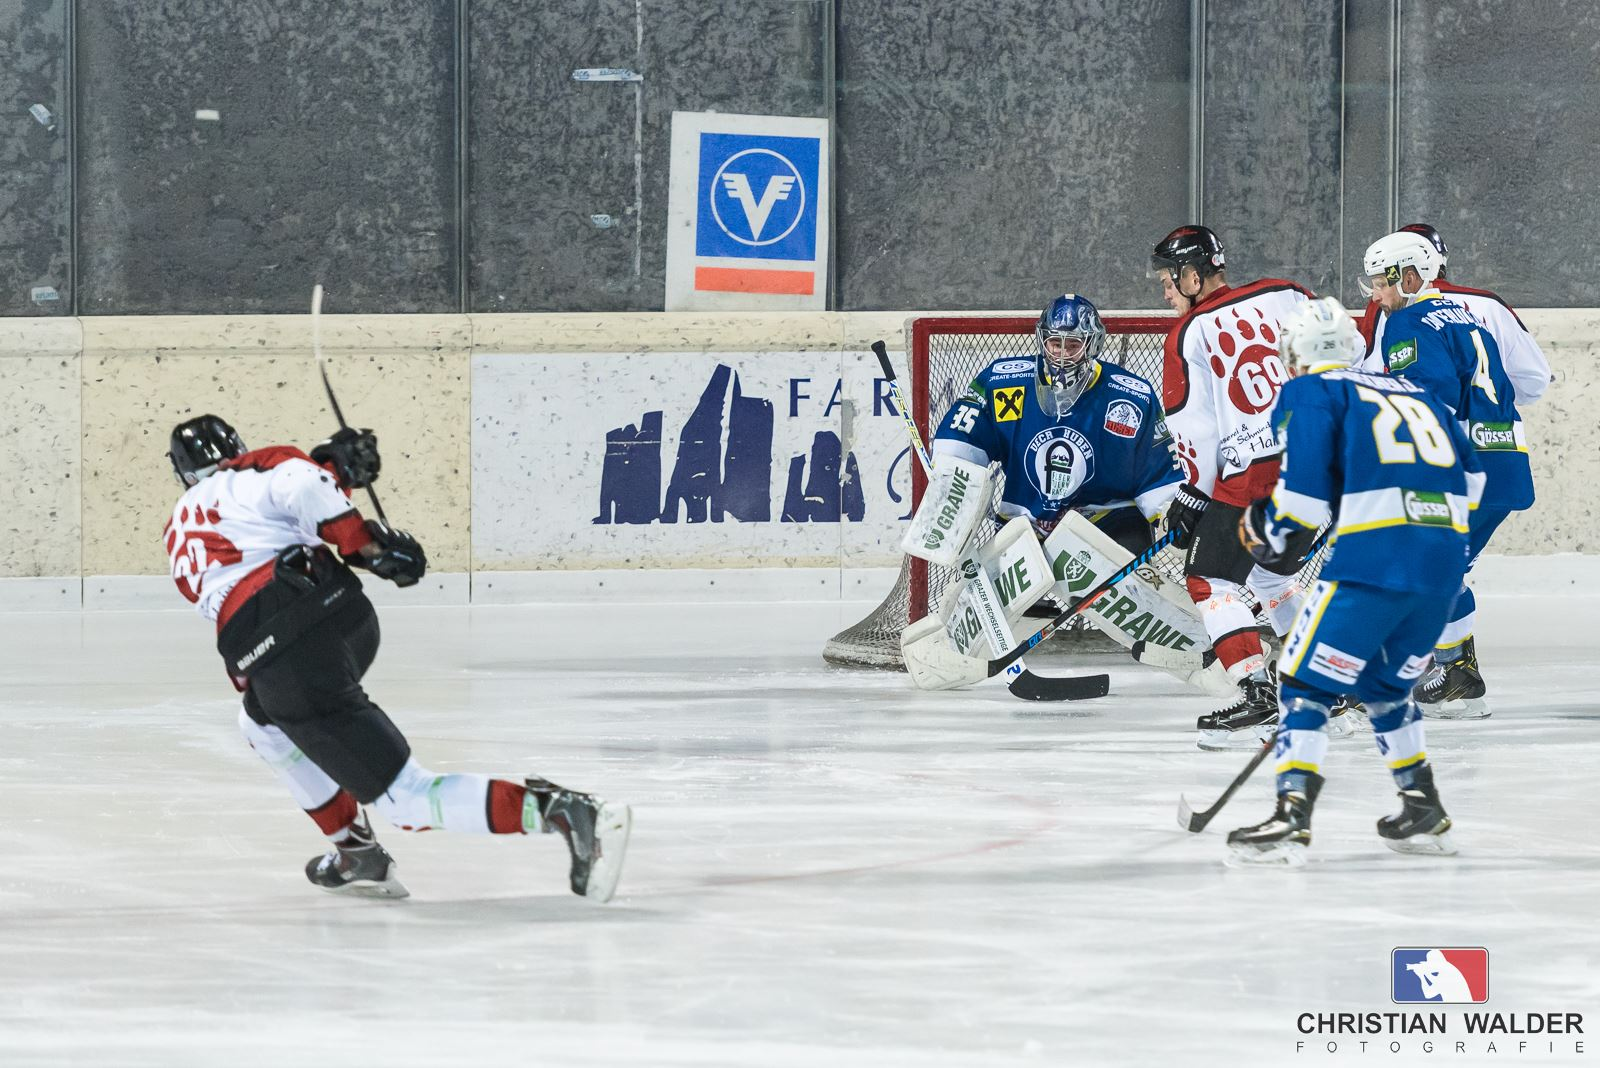 sport_05.jpg